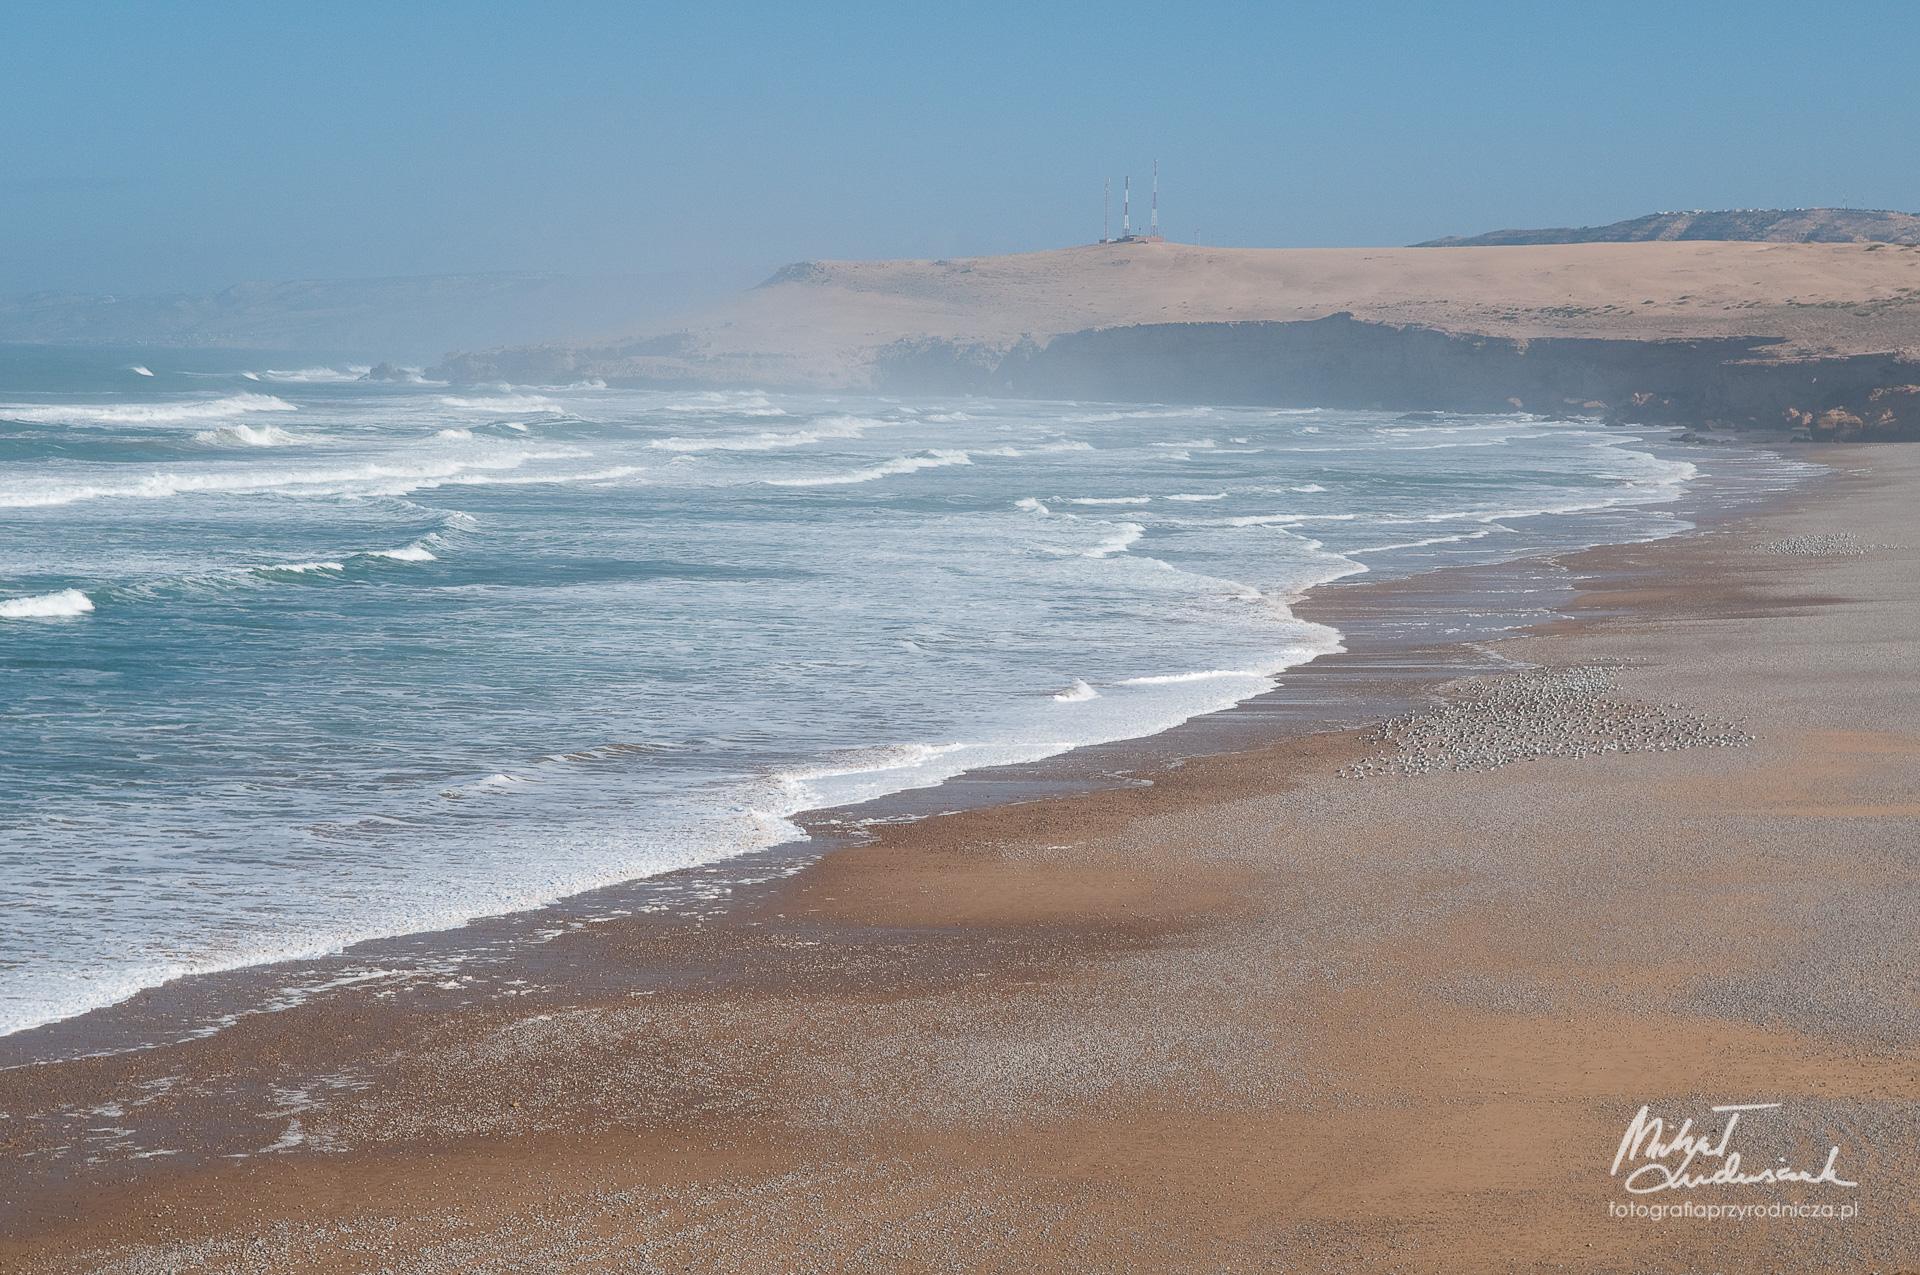 Wybrzeże Atlantyku